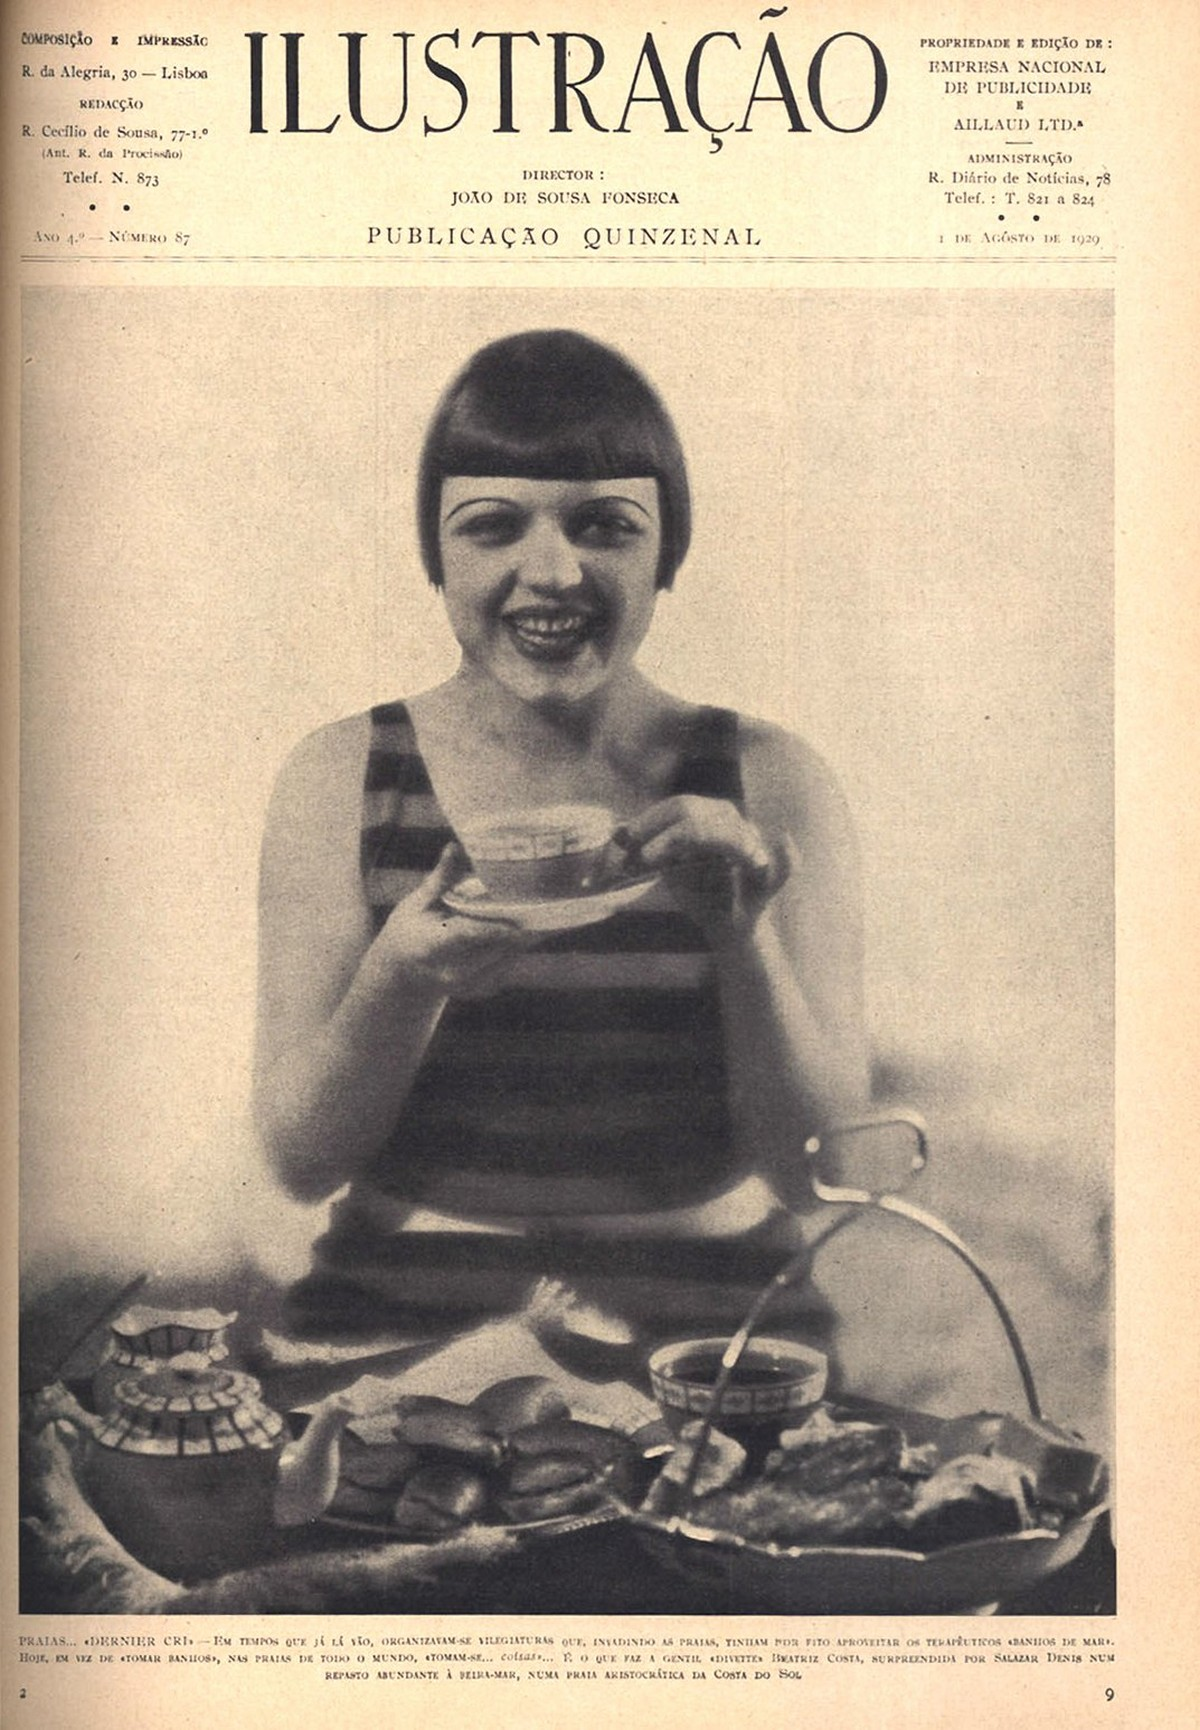 Retrato da actriz portuguesa Beatriz Costa nos anos 20